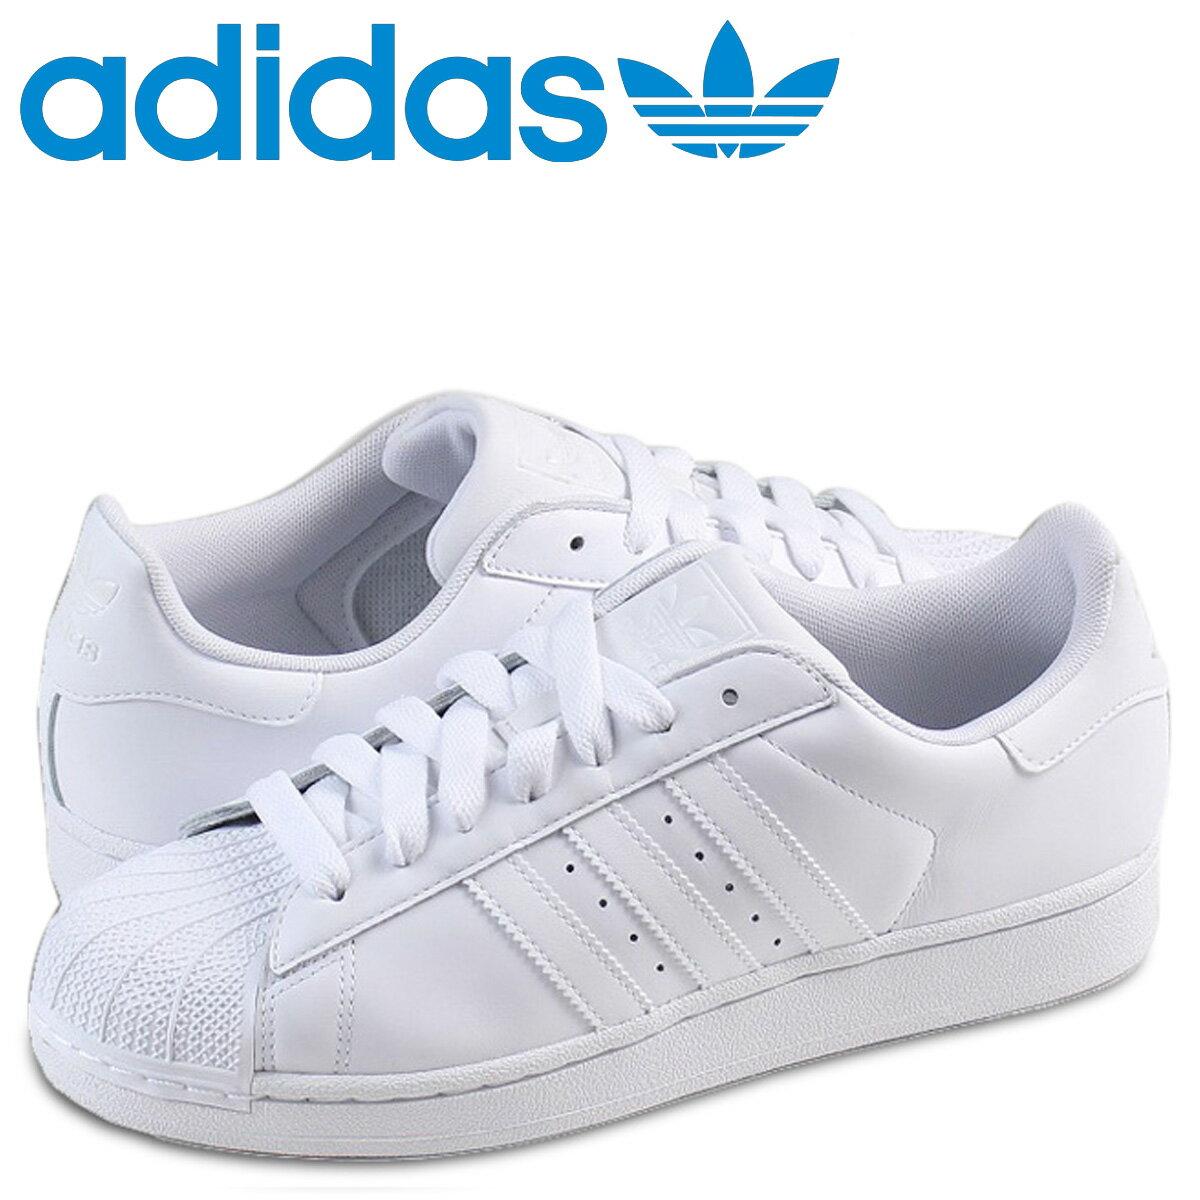 信じられないほどファッション adidas Originals アディダス オリジナルス スーパースター スニーカー SUPER STAR 2 G17071 メンズ 靴 ホワイト [S10][返品不可]